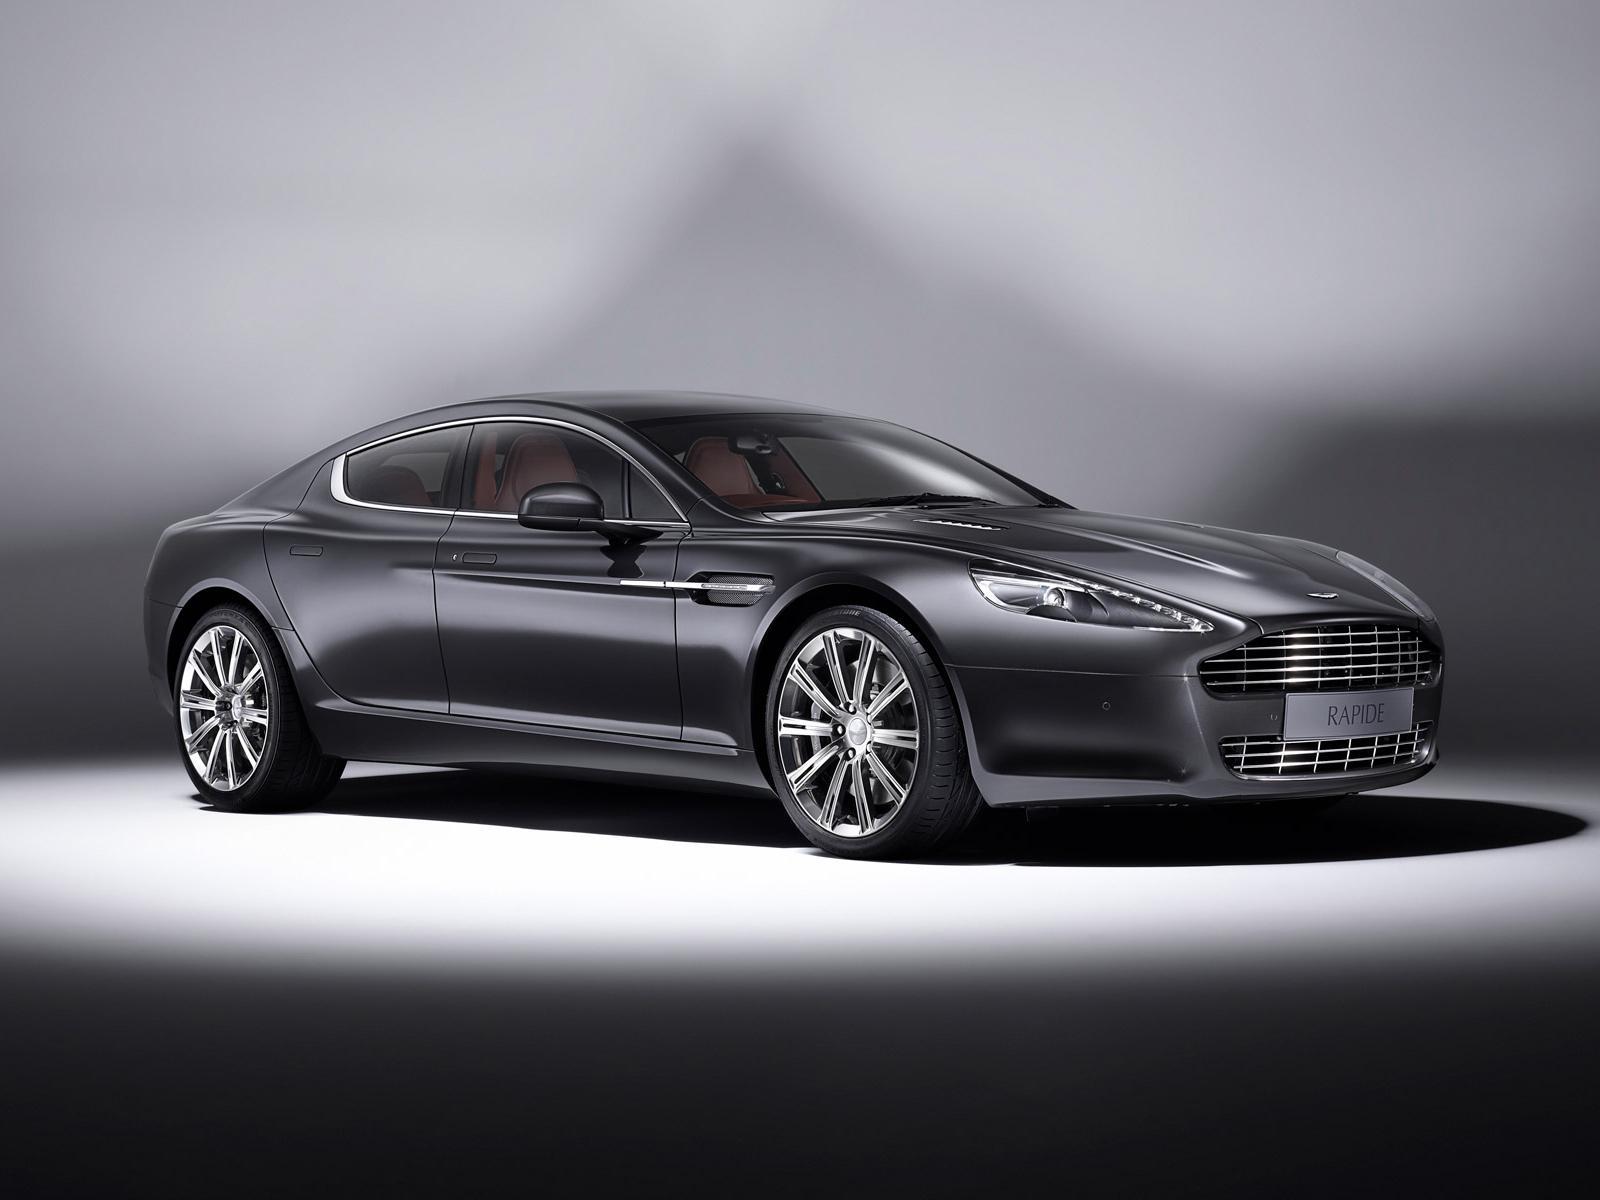 Aston Martin Rapide Luxe 1 Benautobahn